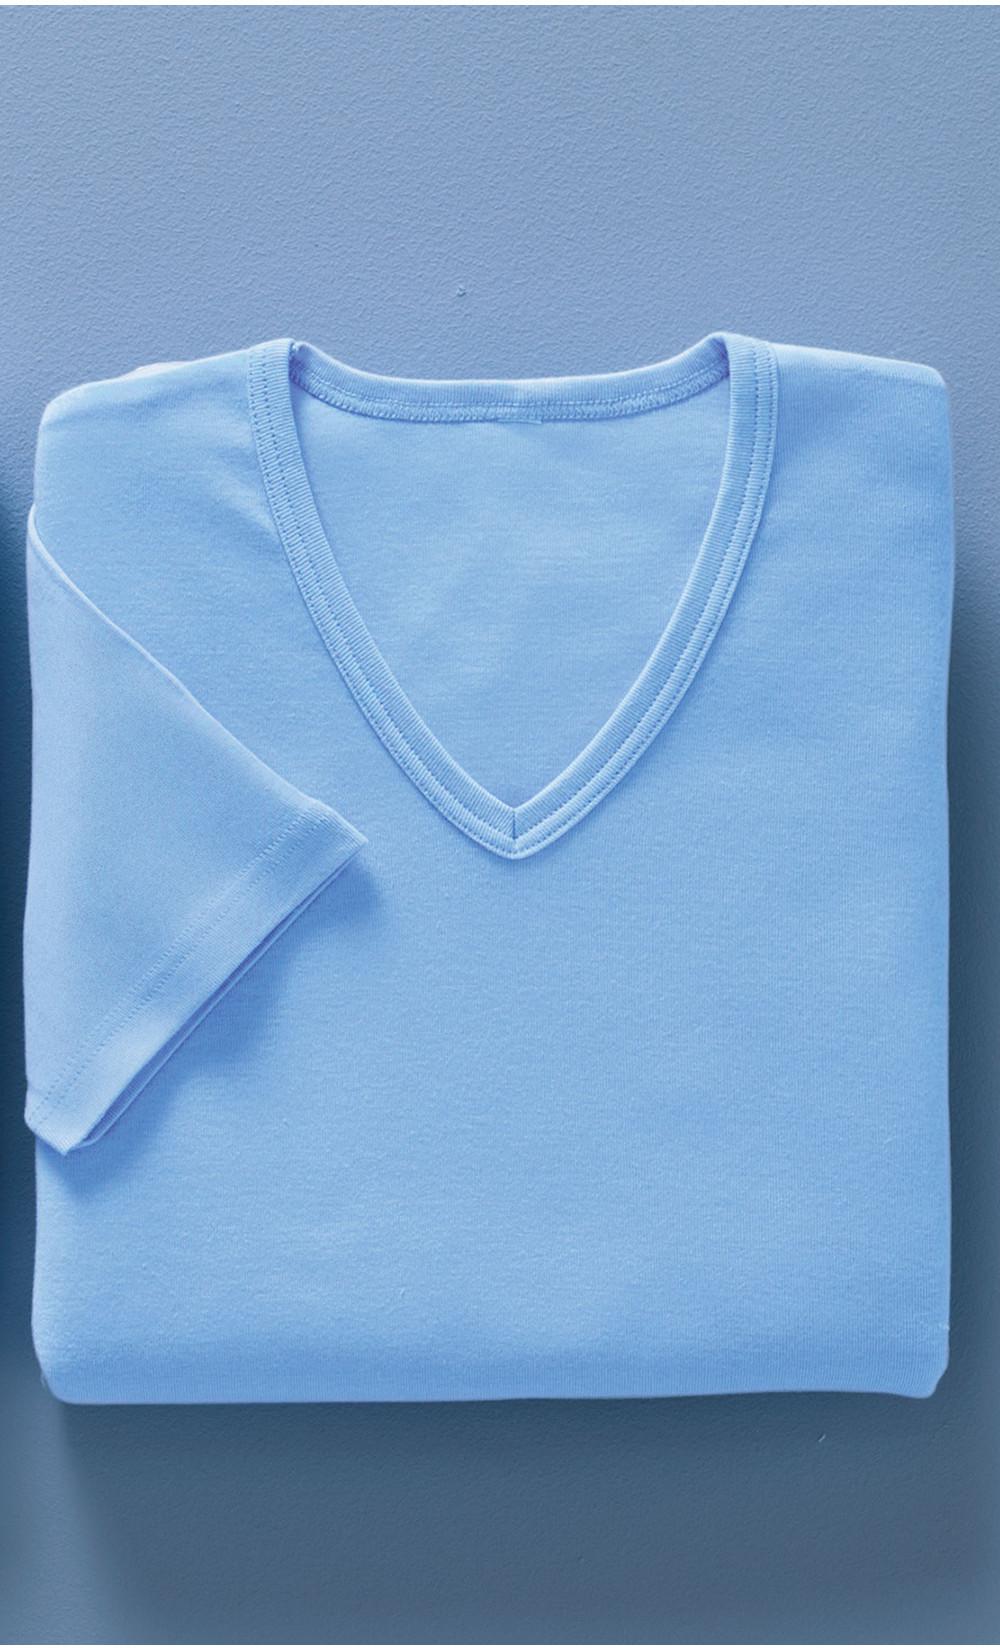 Le lot de 2 tee-shirt manches courtes - ICONE